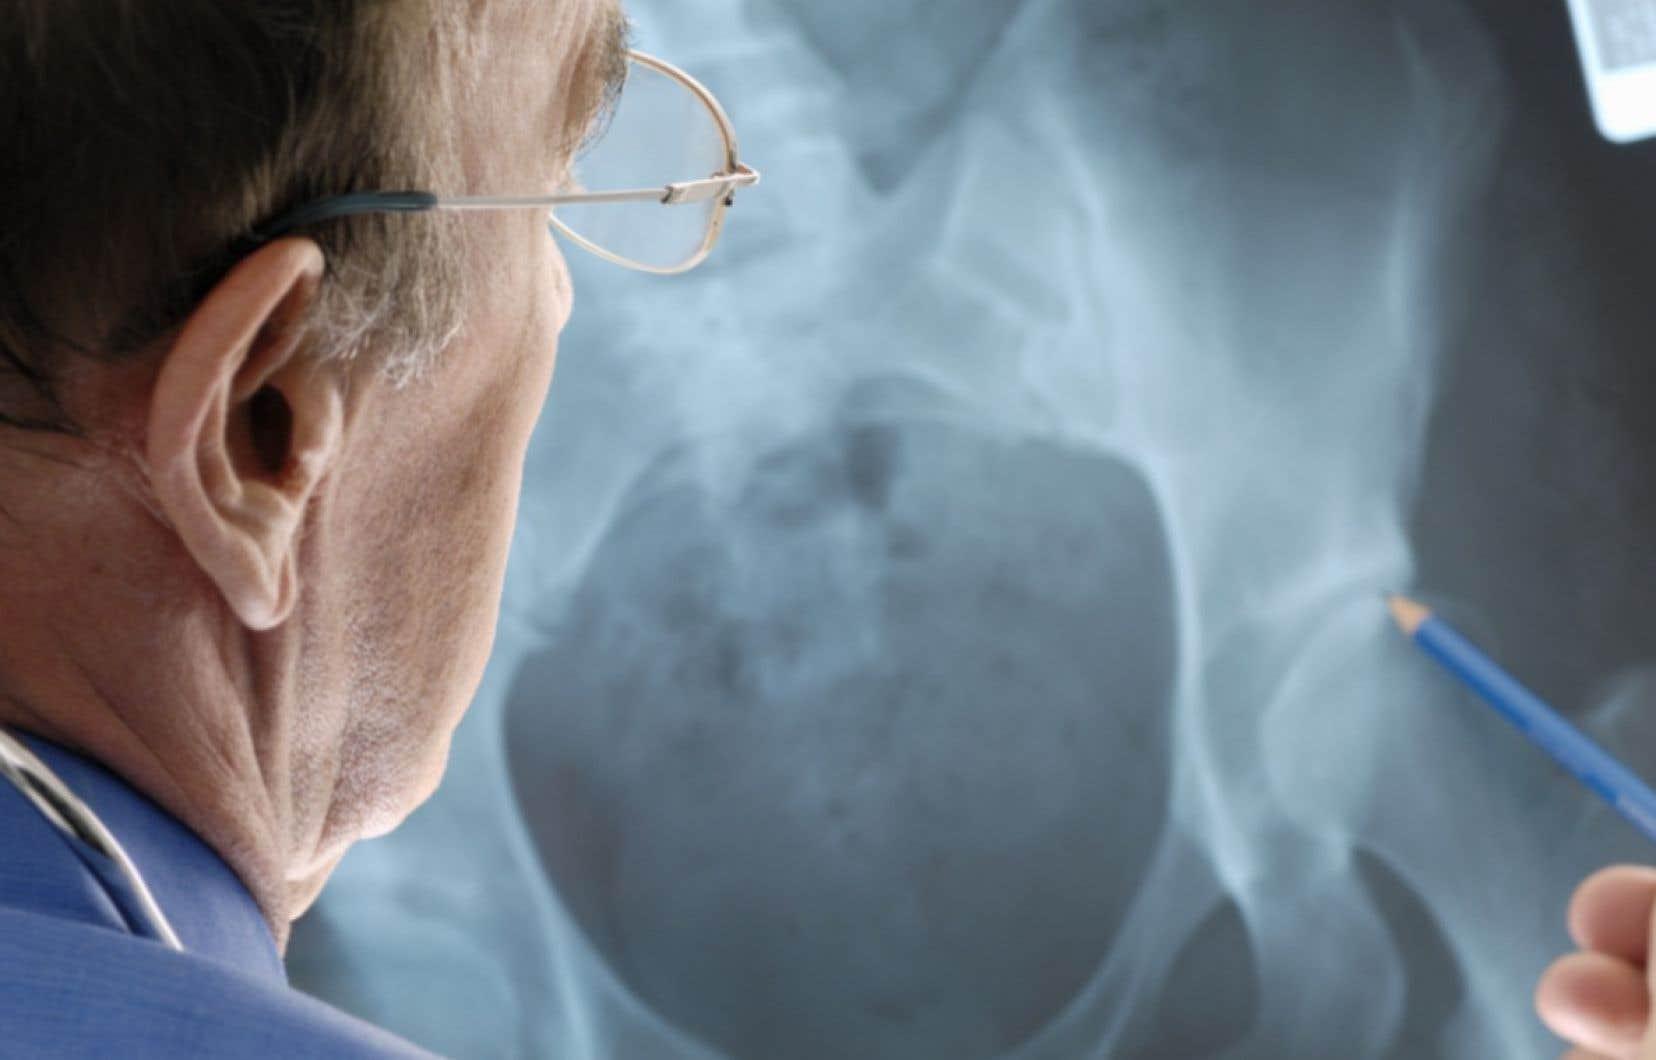 L'ostéoporose est une maladie qui se caractérise par la diminution progressive de la solidité des os, et, par conséquent, un risque élevé de fracture.